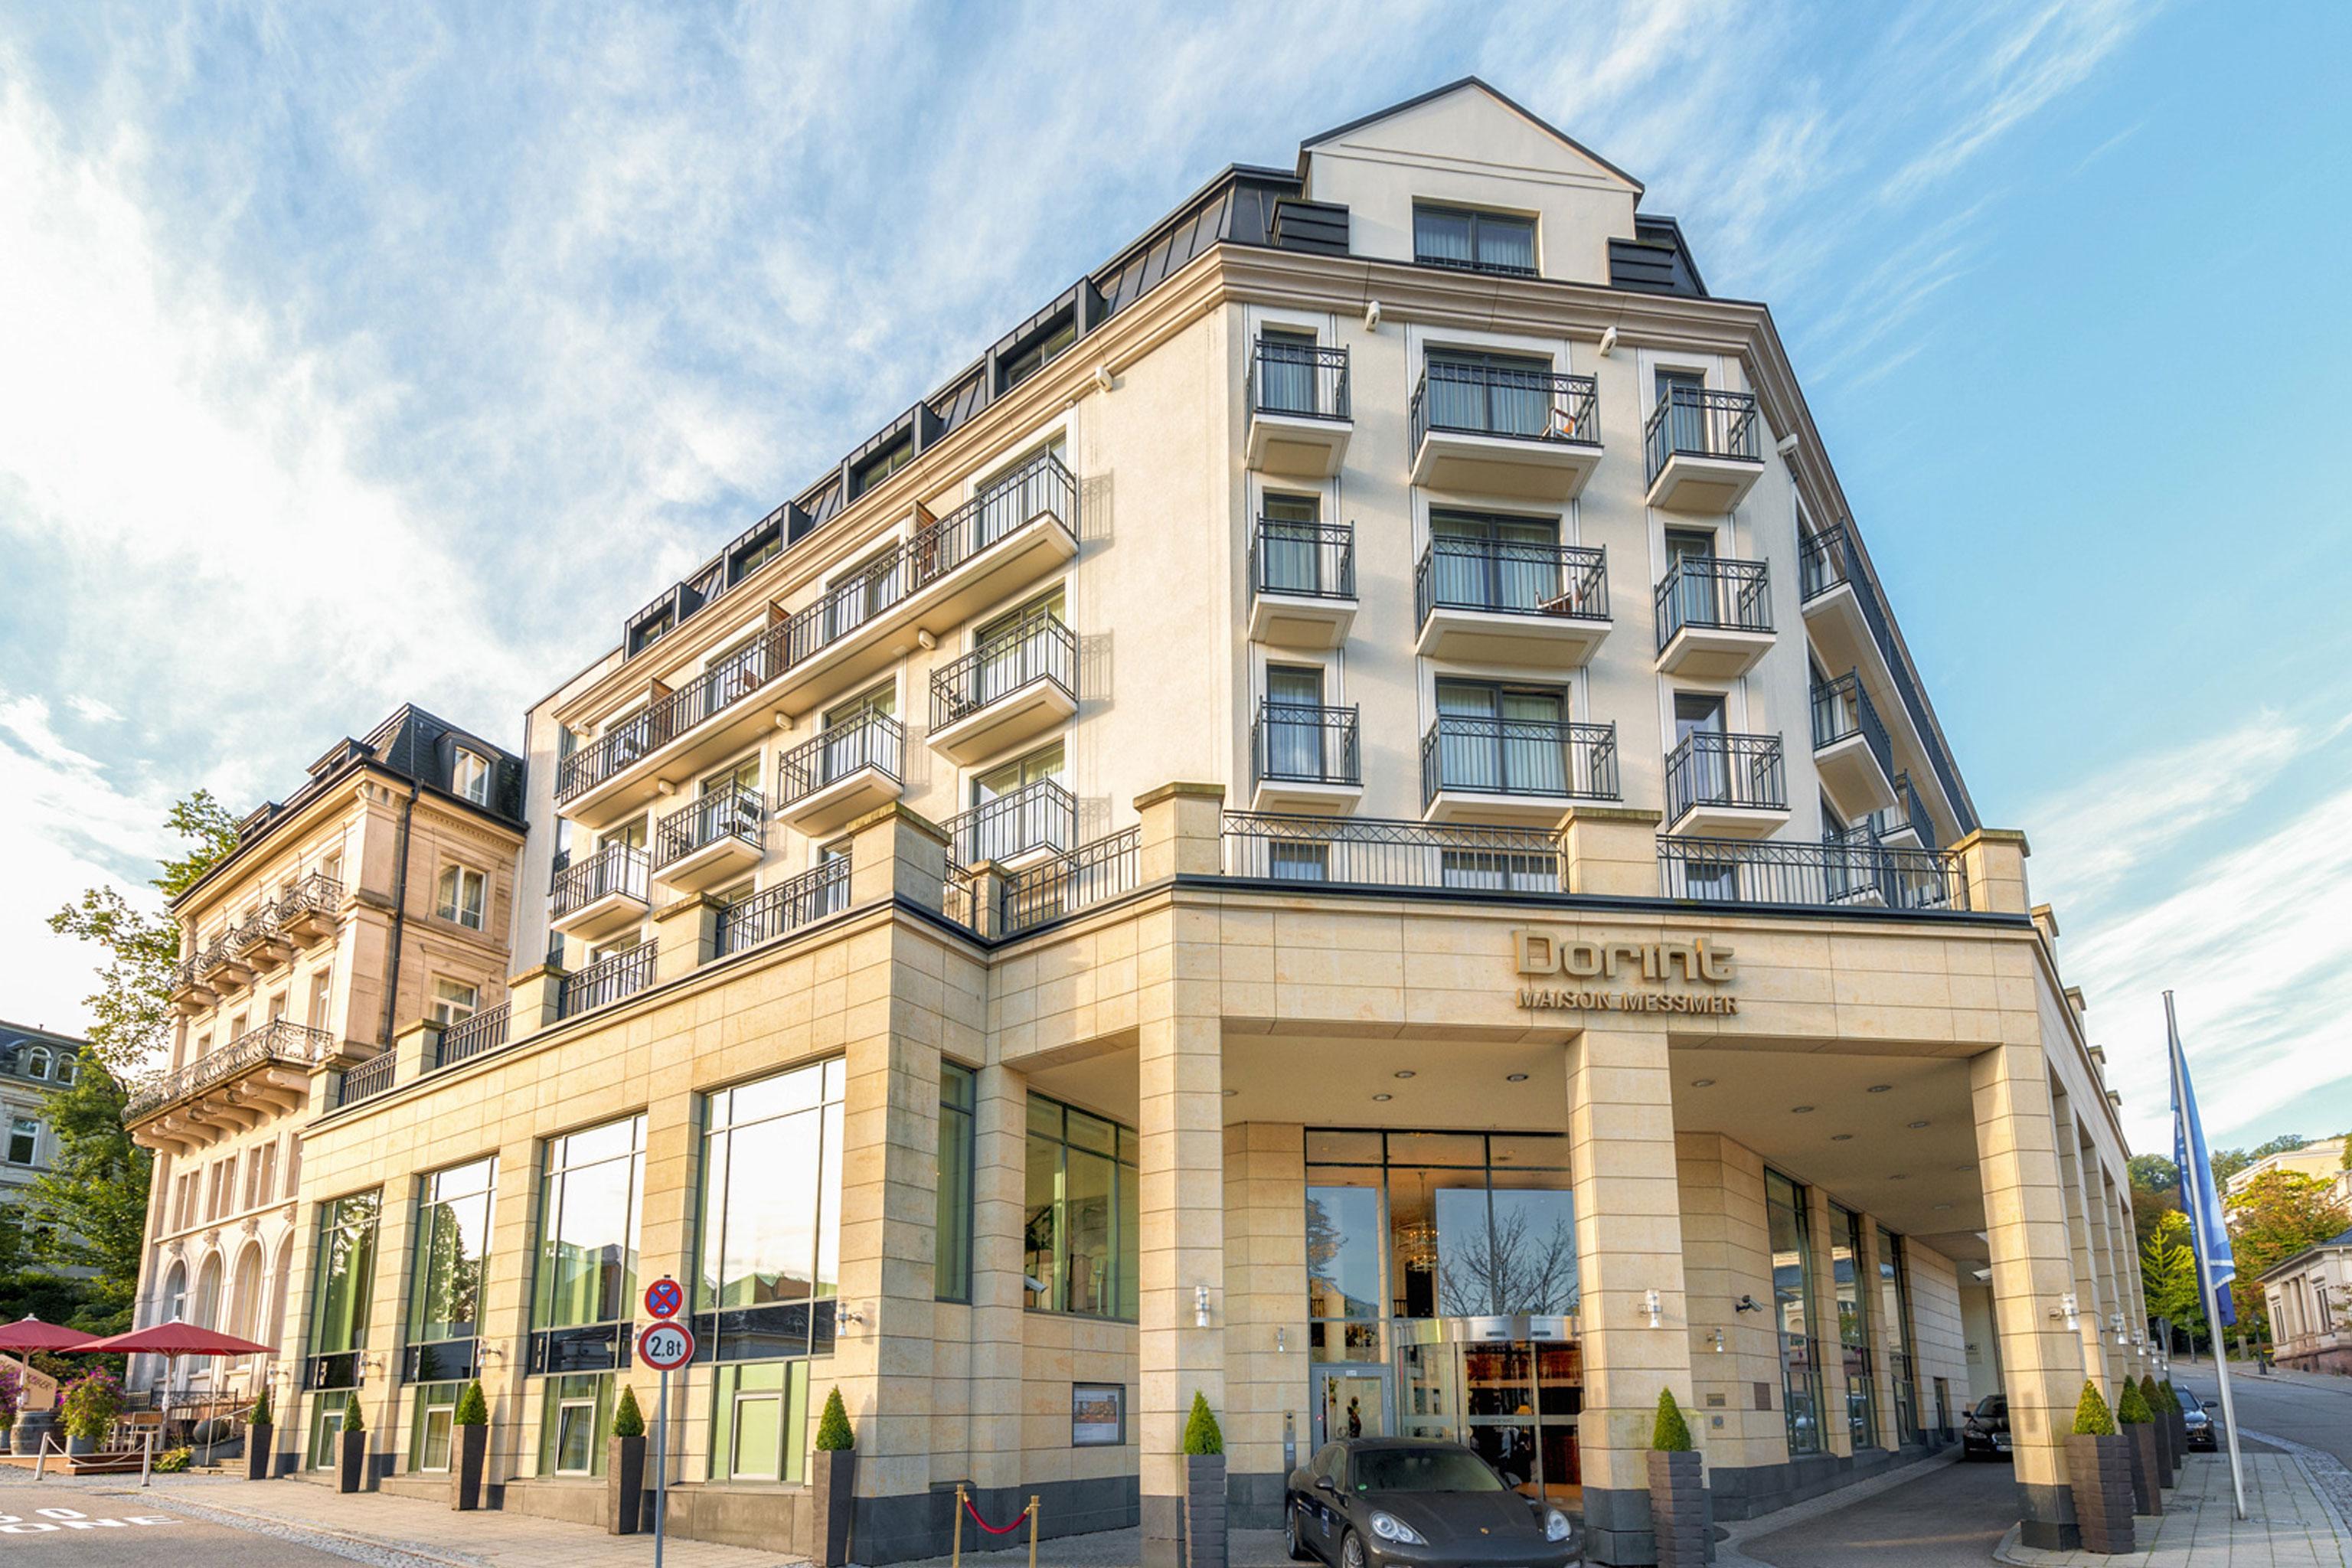 Dorint Hotel Baden Baden Adresse